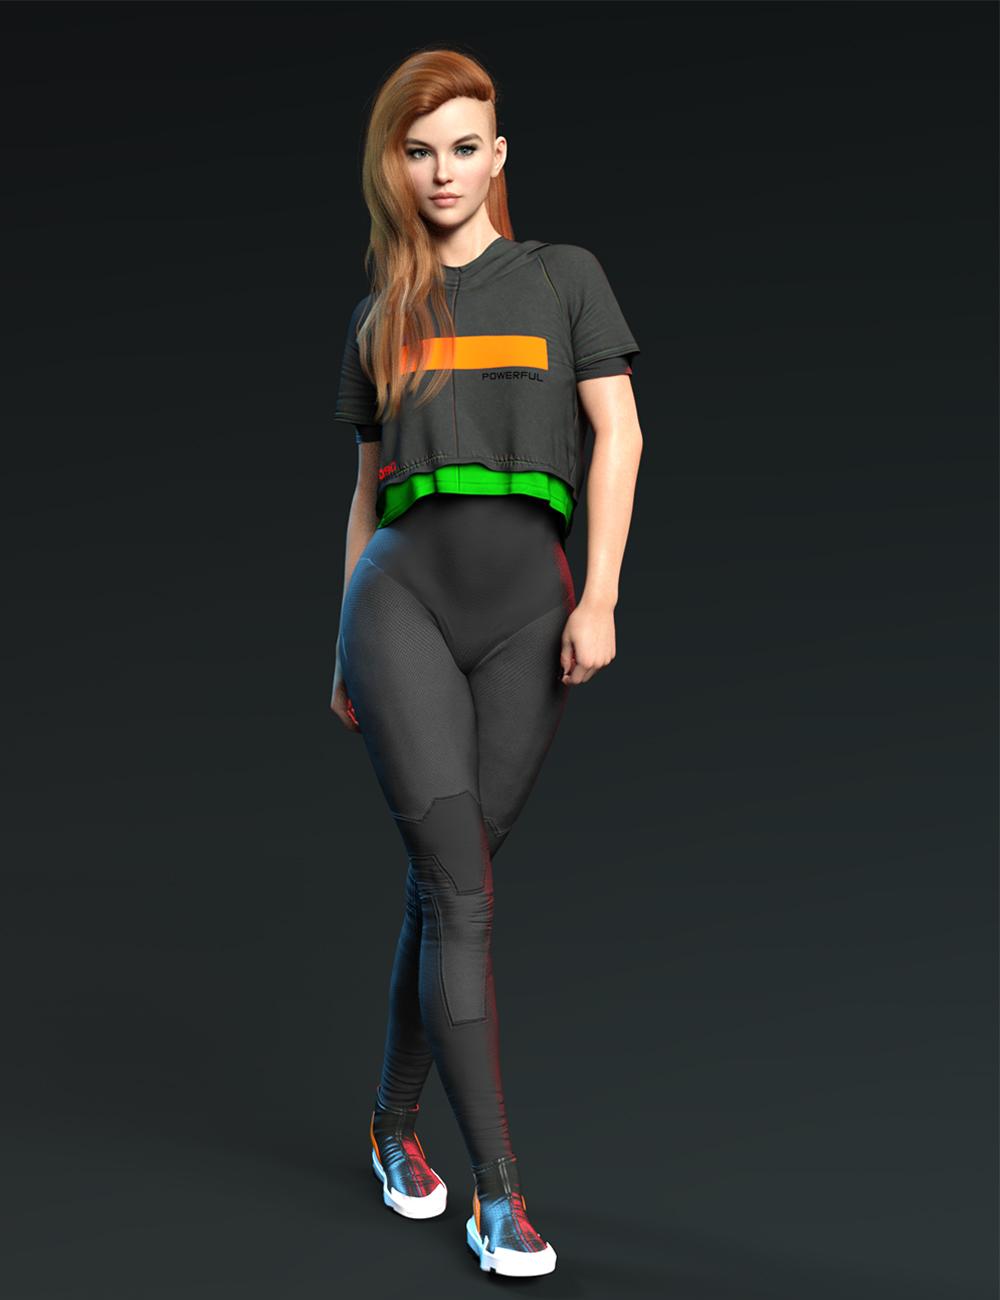 X-Fashion dForce Space Bodysuit Set by: xtrart-3d, 3D Models by Daz 3D